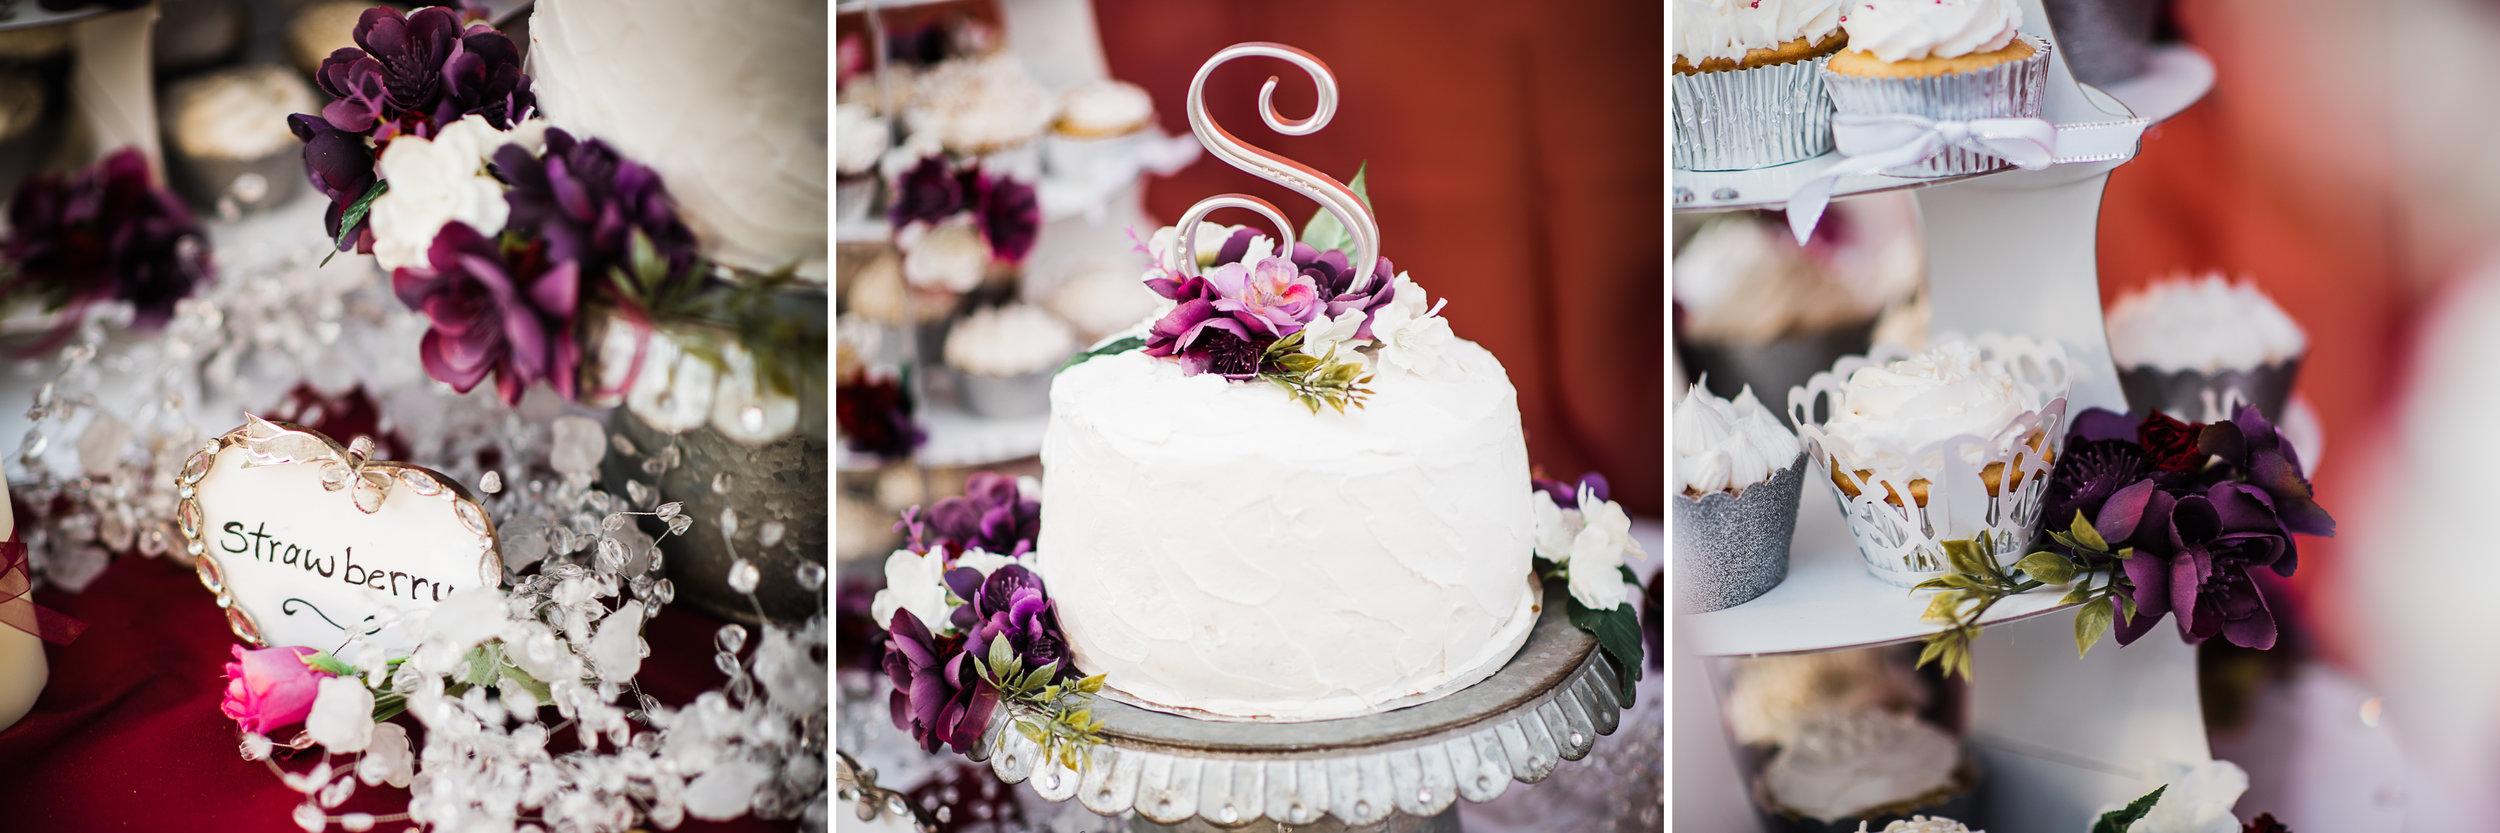 Schaar Cake.jpg